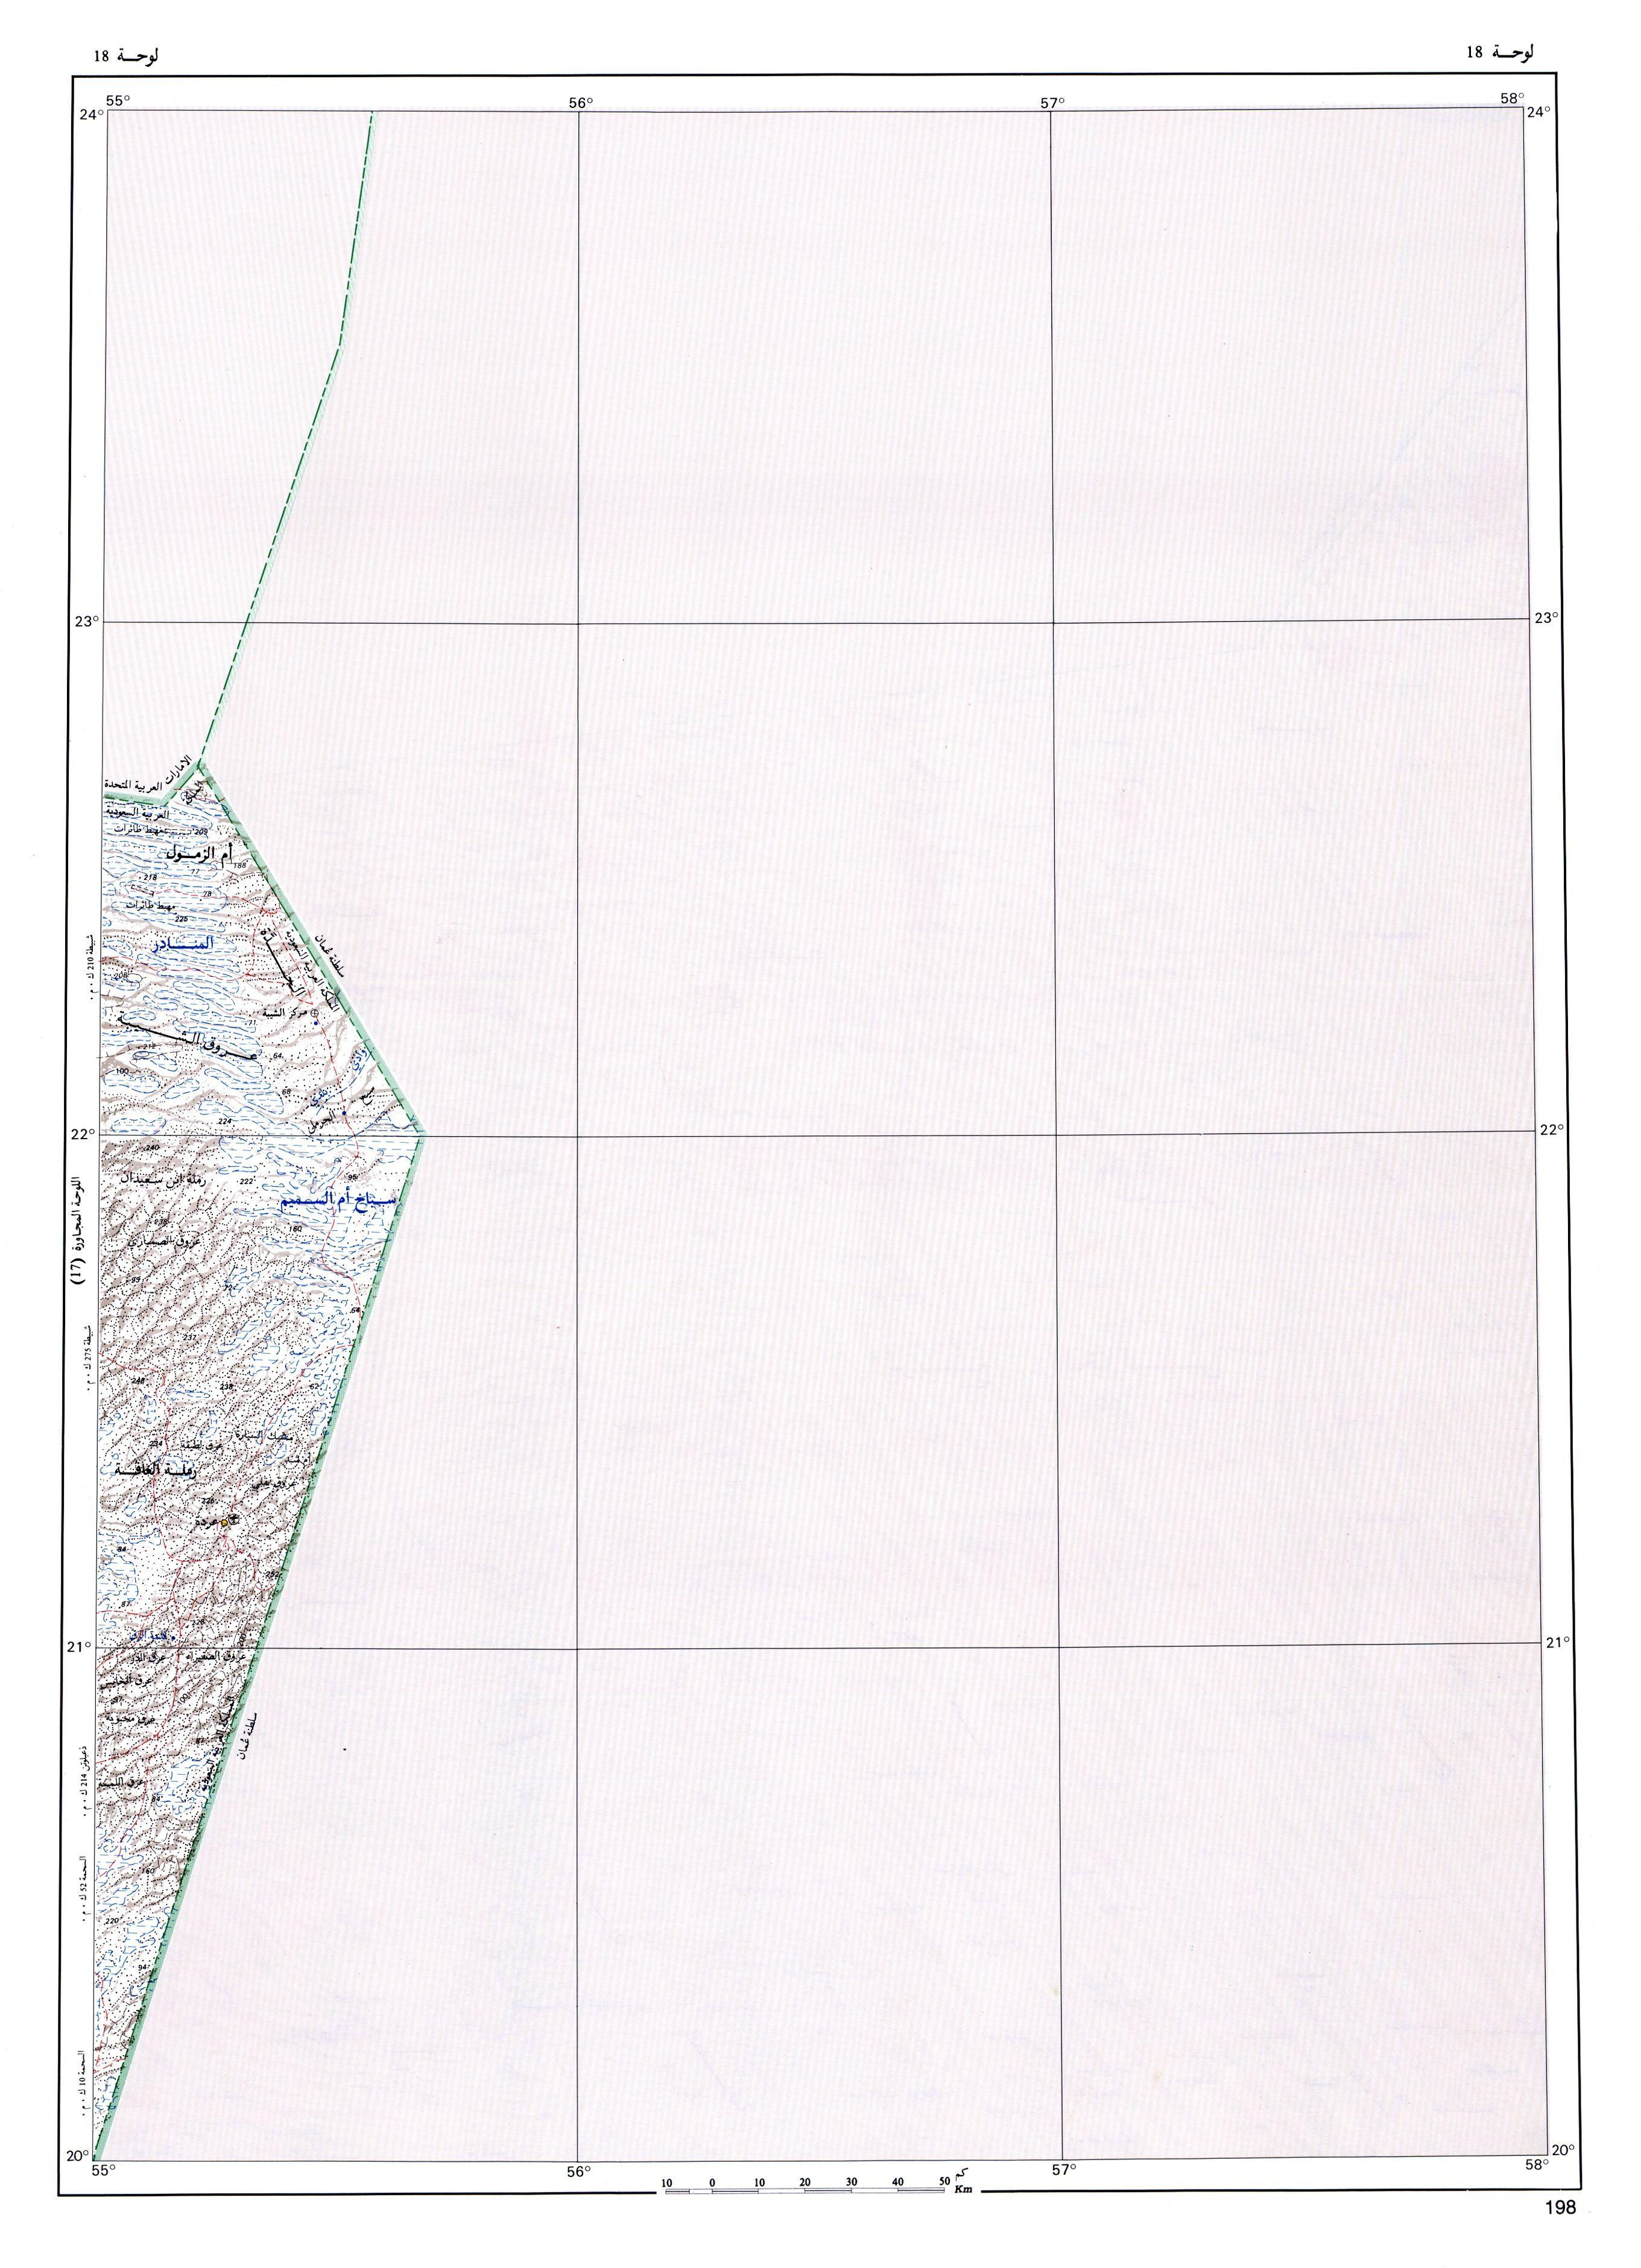 خريطة رقم 18الجزء الشرقي من الربع الخالي Map Fig